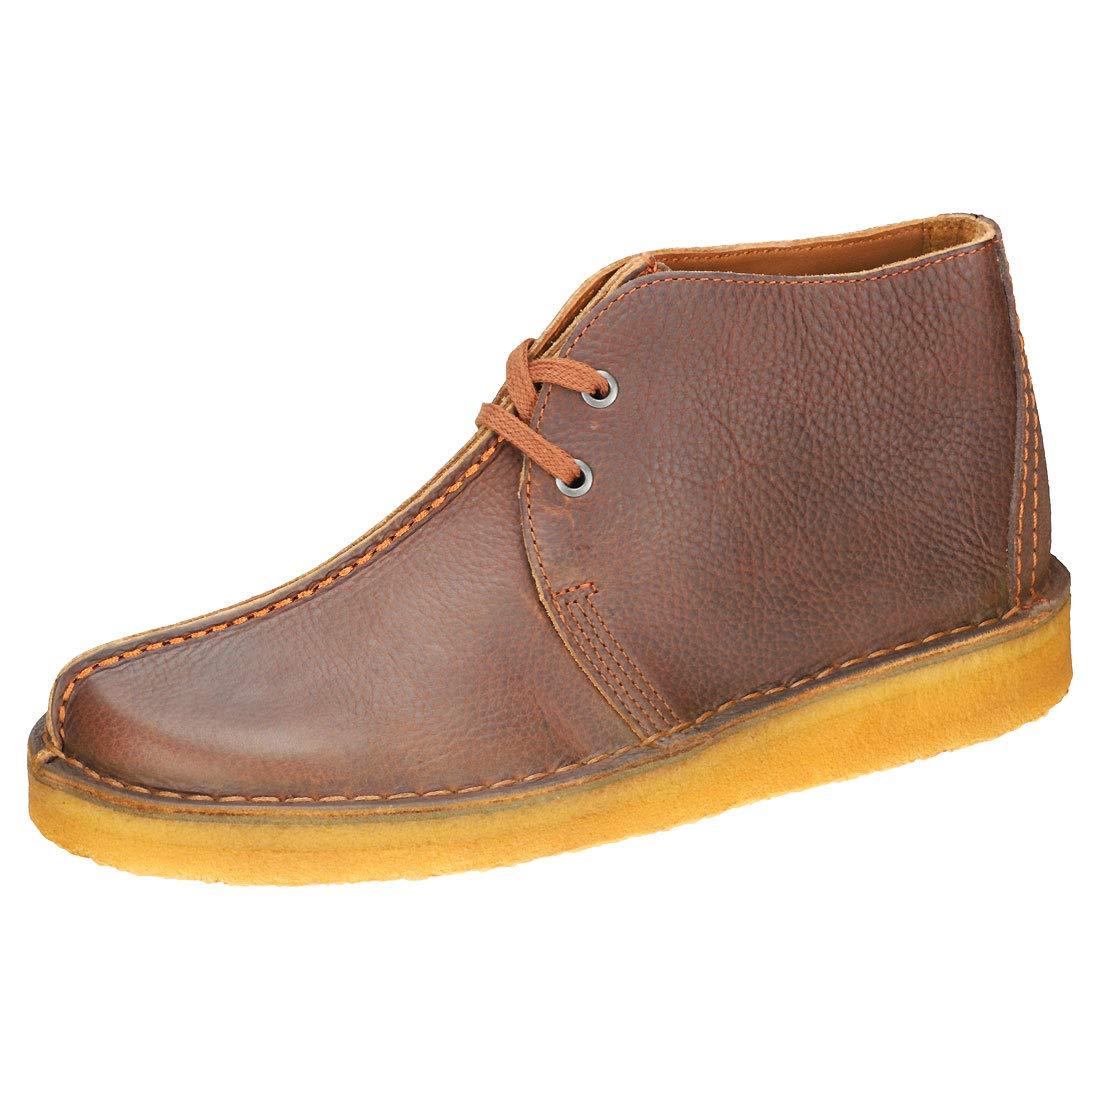 438e0908cfd Clarks Originals Desert Trek Hi Mens Ankle Boots: Amazon.co.uk: Shoes & Bags